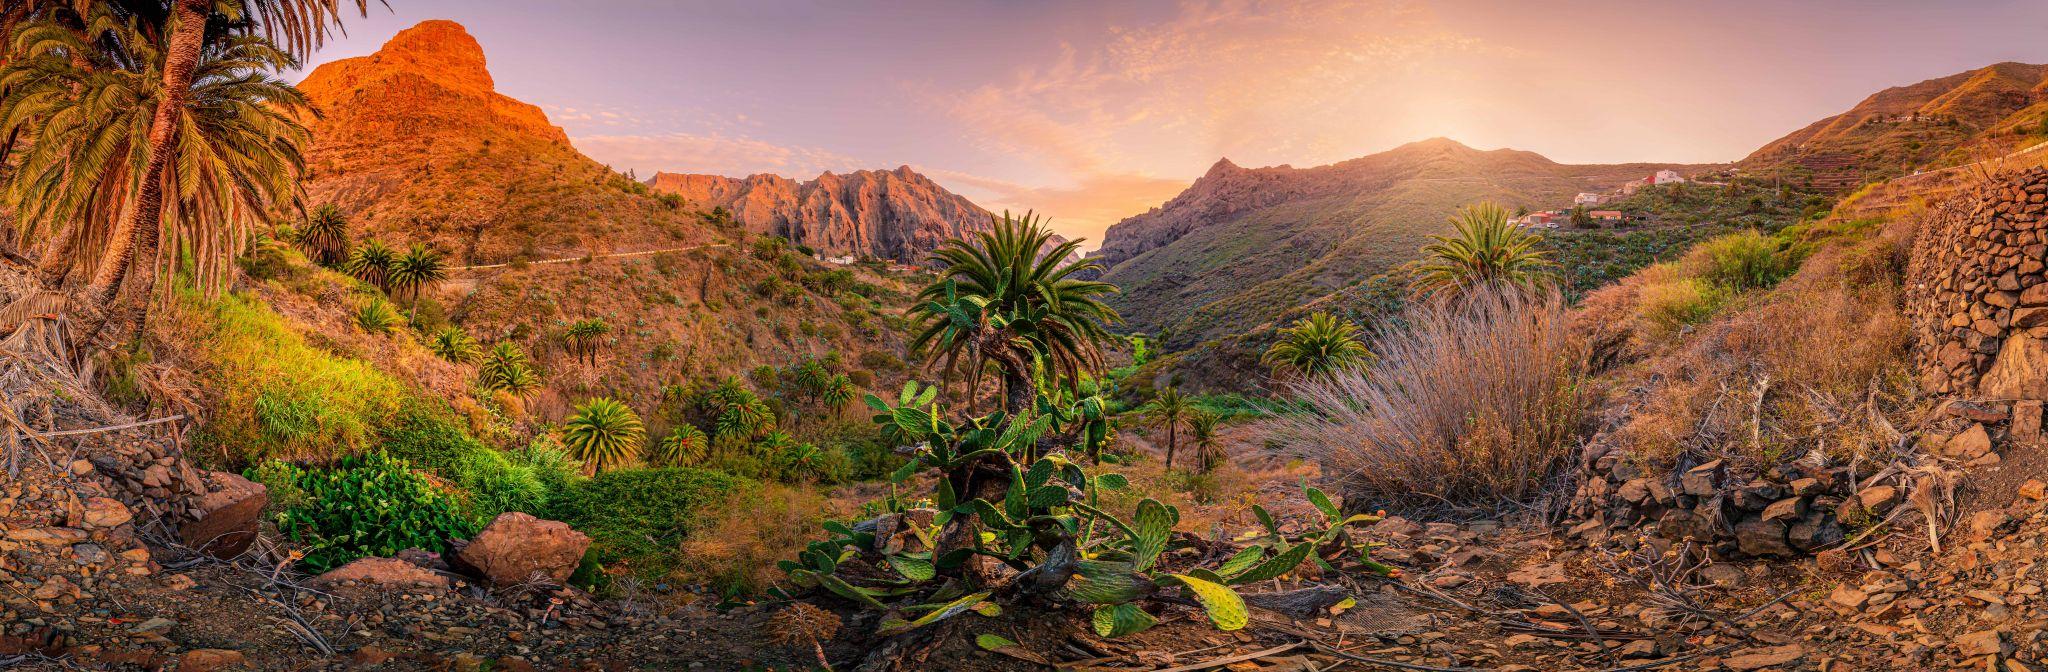 Masca Cactus Tenerife, Spain